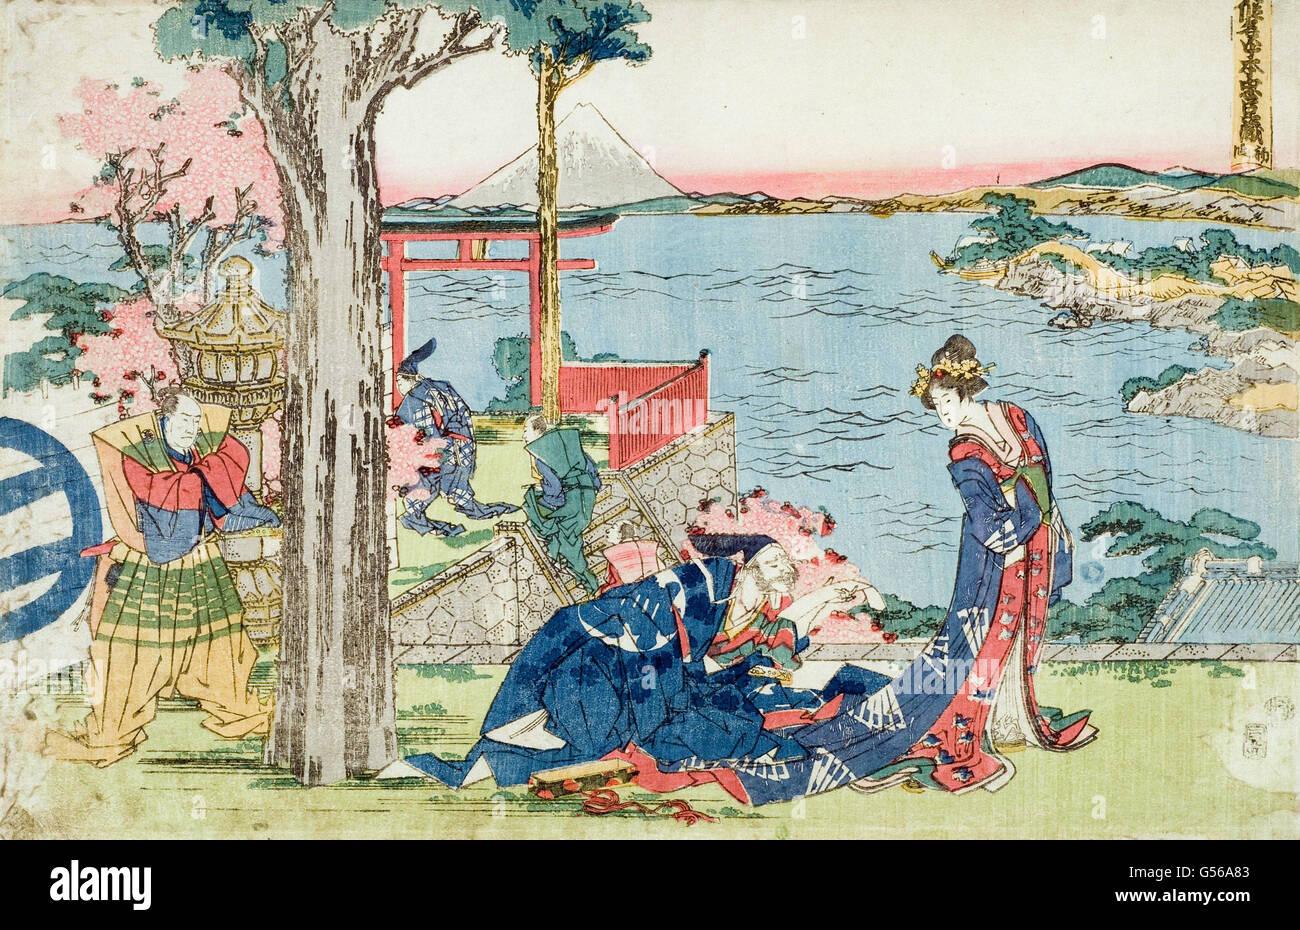 Katsushika Hokusai - Xilogravura Imagens de Stock